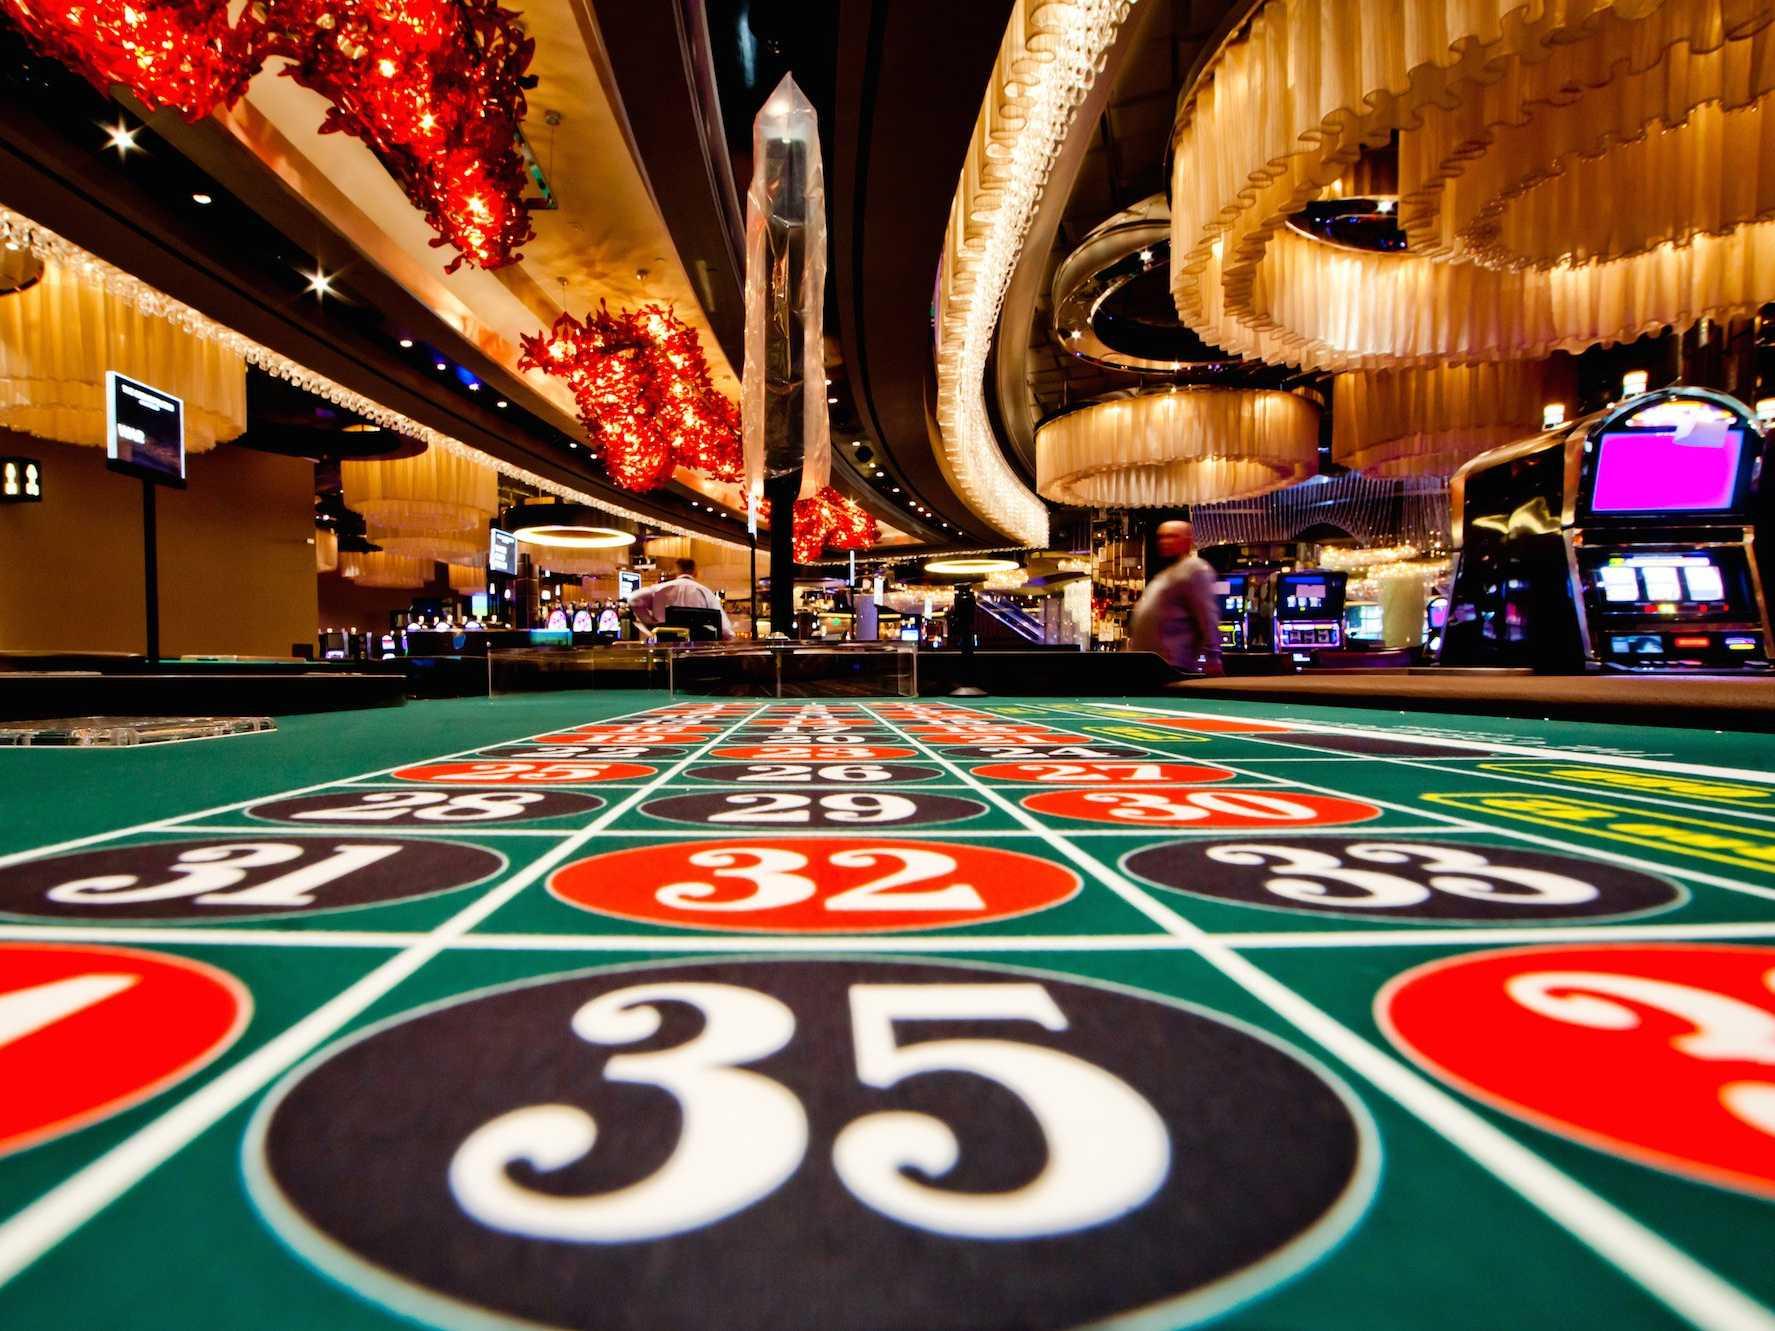 Jeux casino: les machines à sous progressives